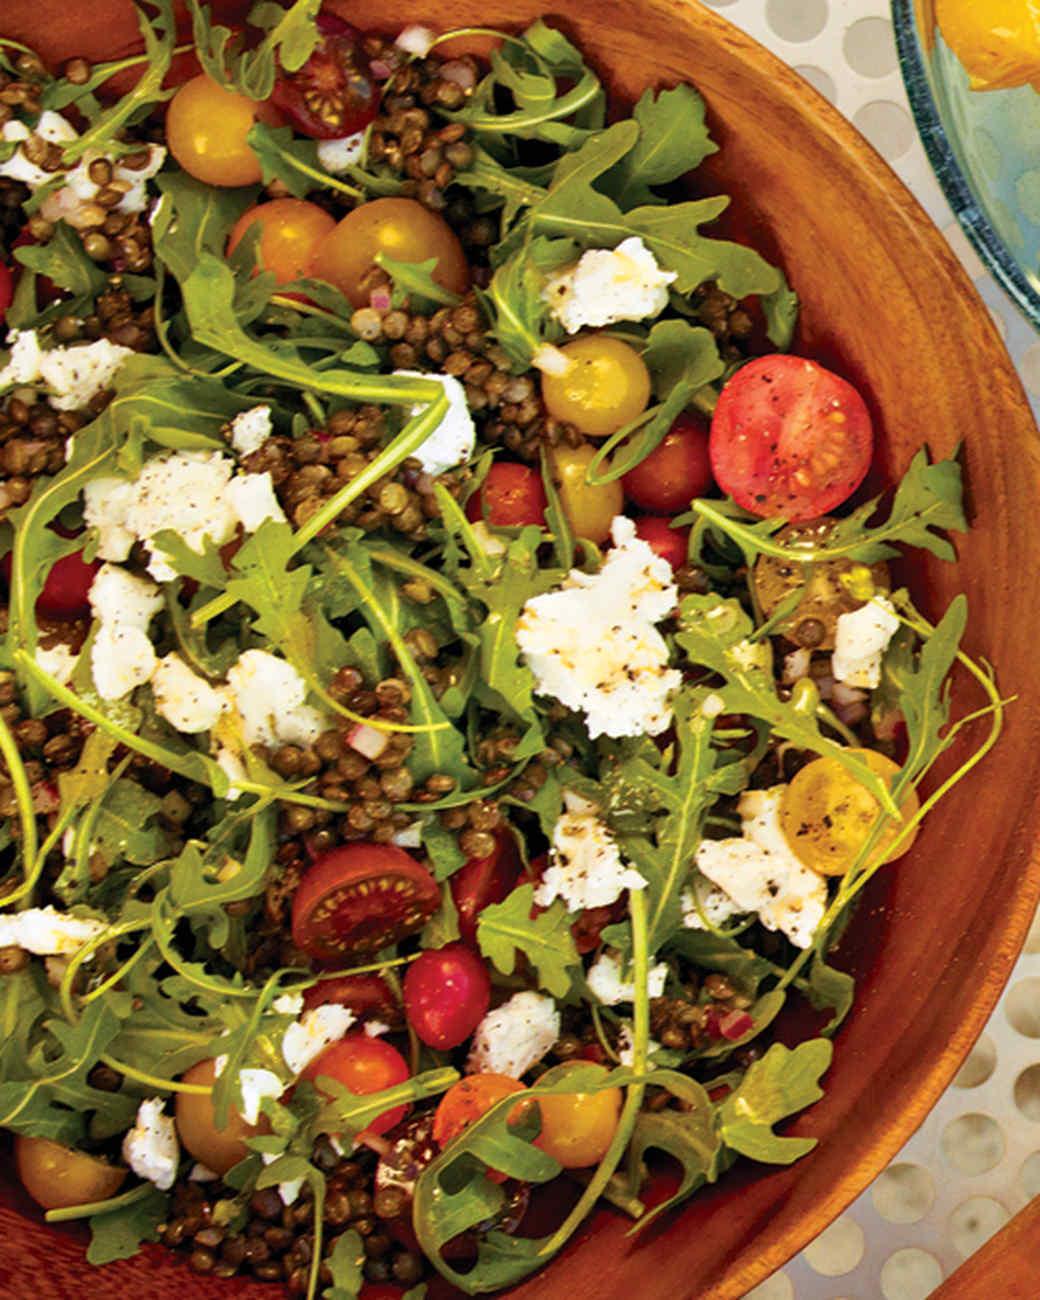 mld105489_0510_palmsprings_salad.jpg